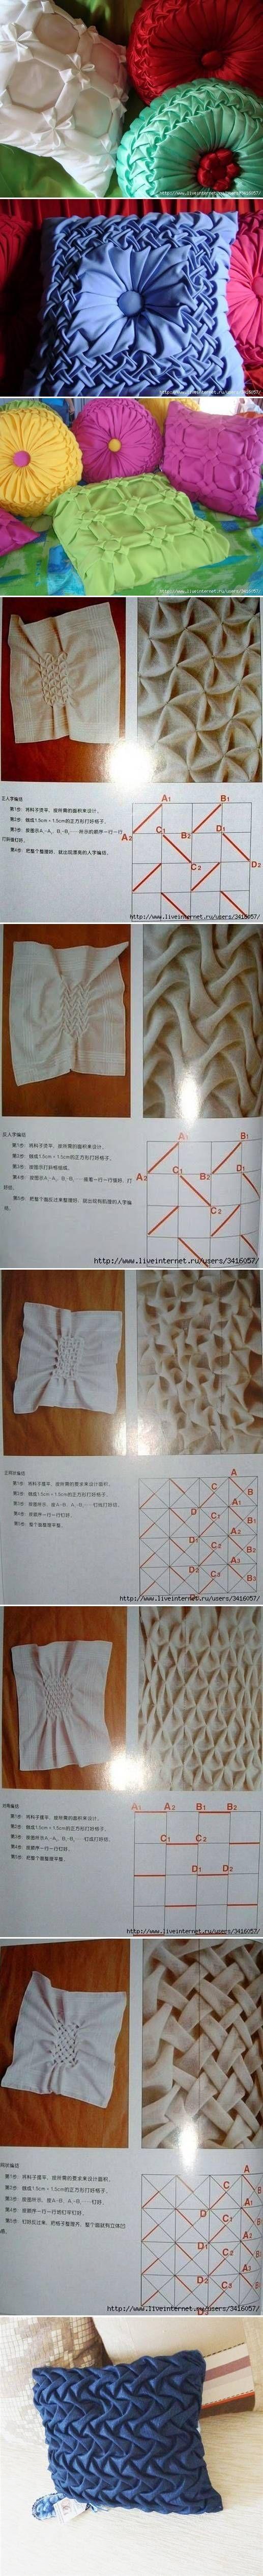 DIY Pillow Ideas and Schemes